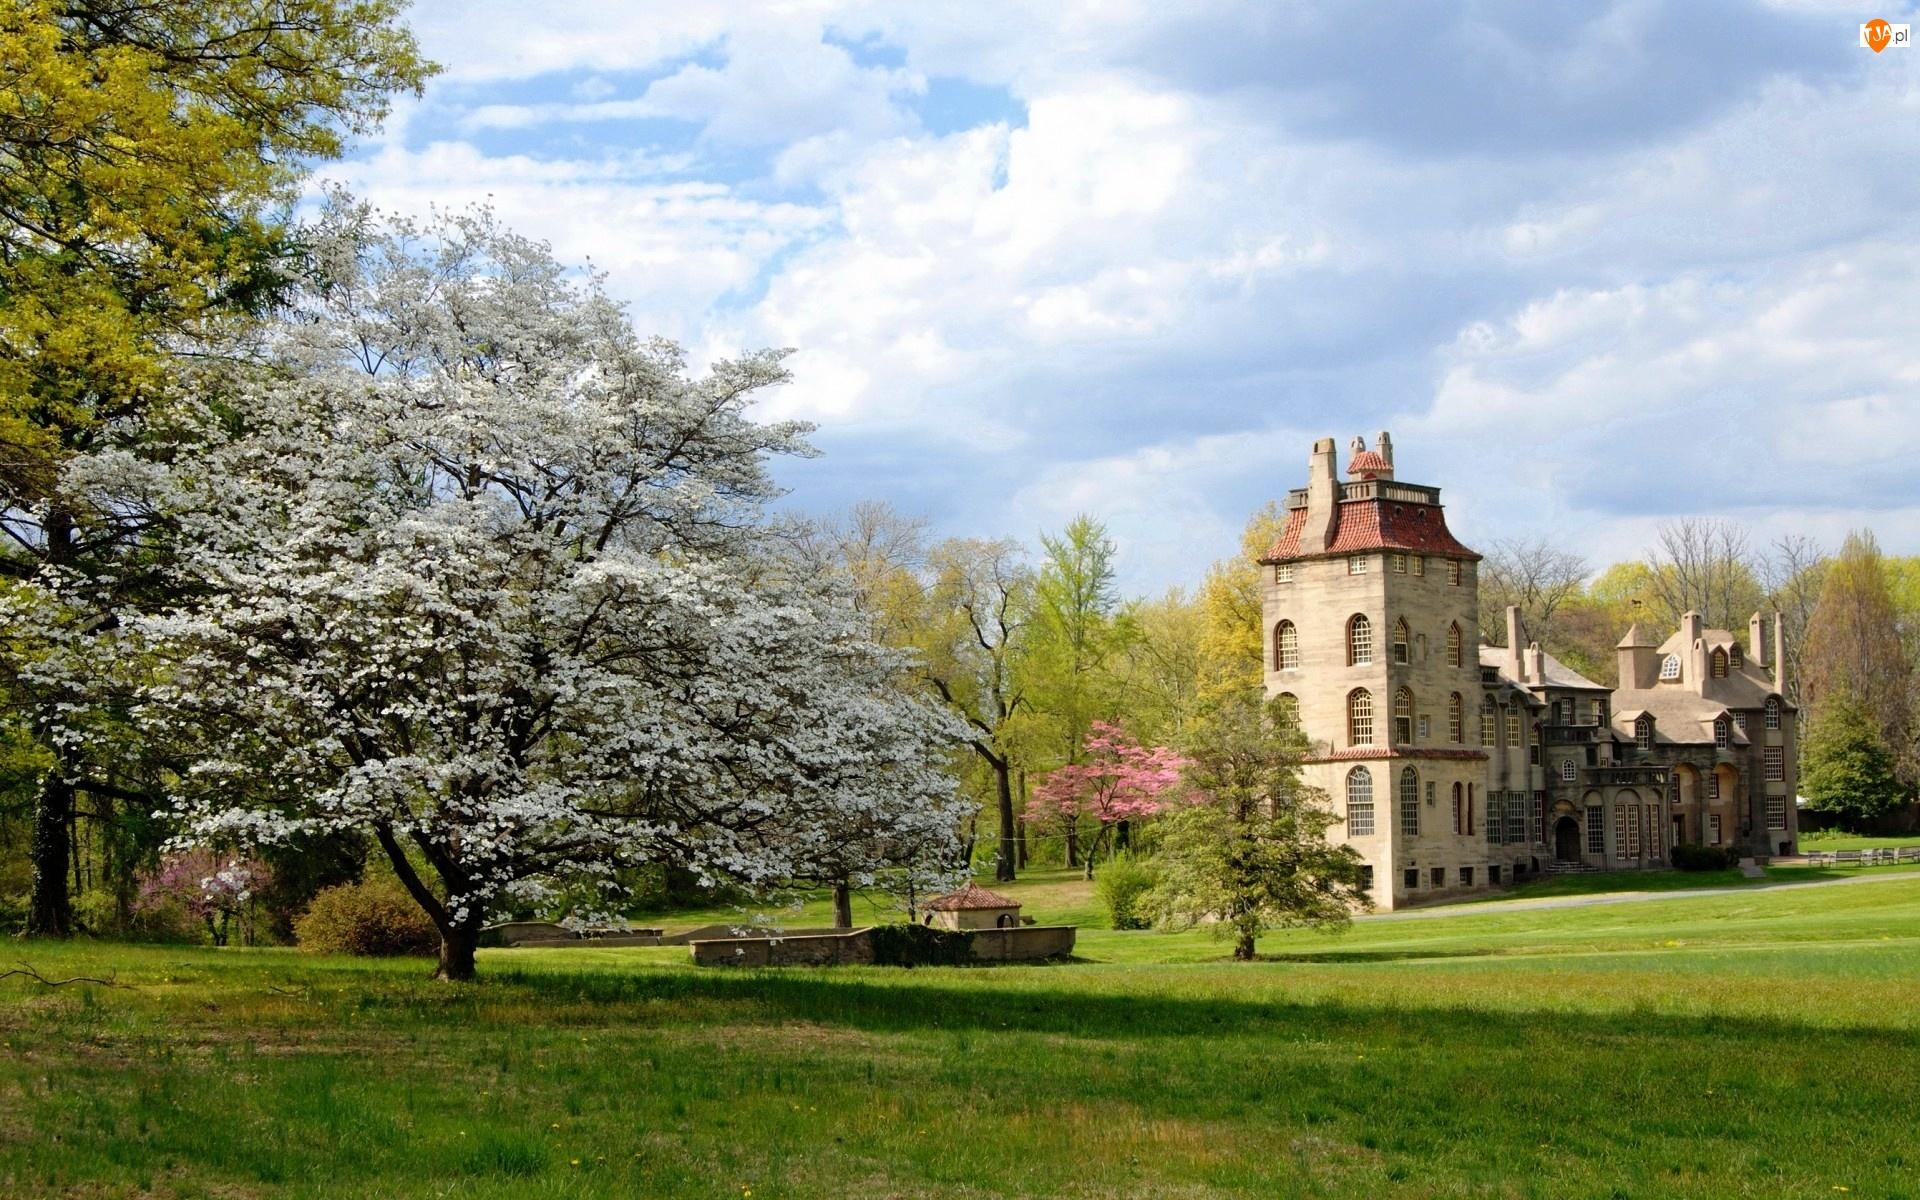 Drzewa, Muzeum, Stan Pensylwania, Fonthill Castle, Stany Zjednoczone